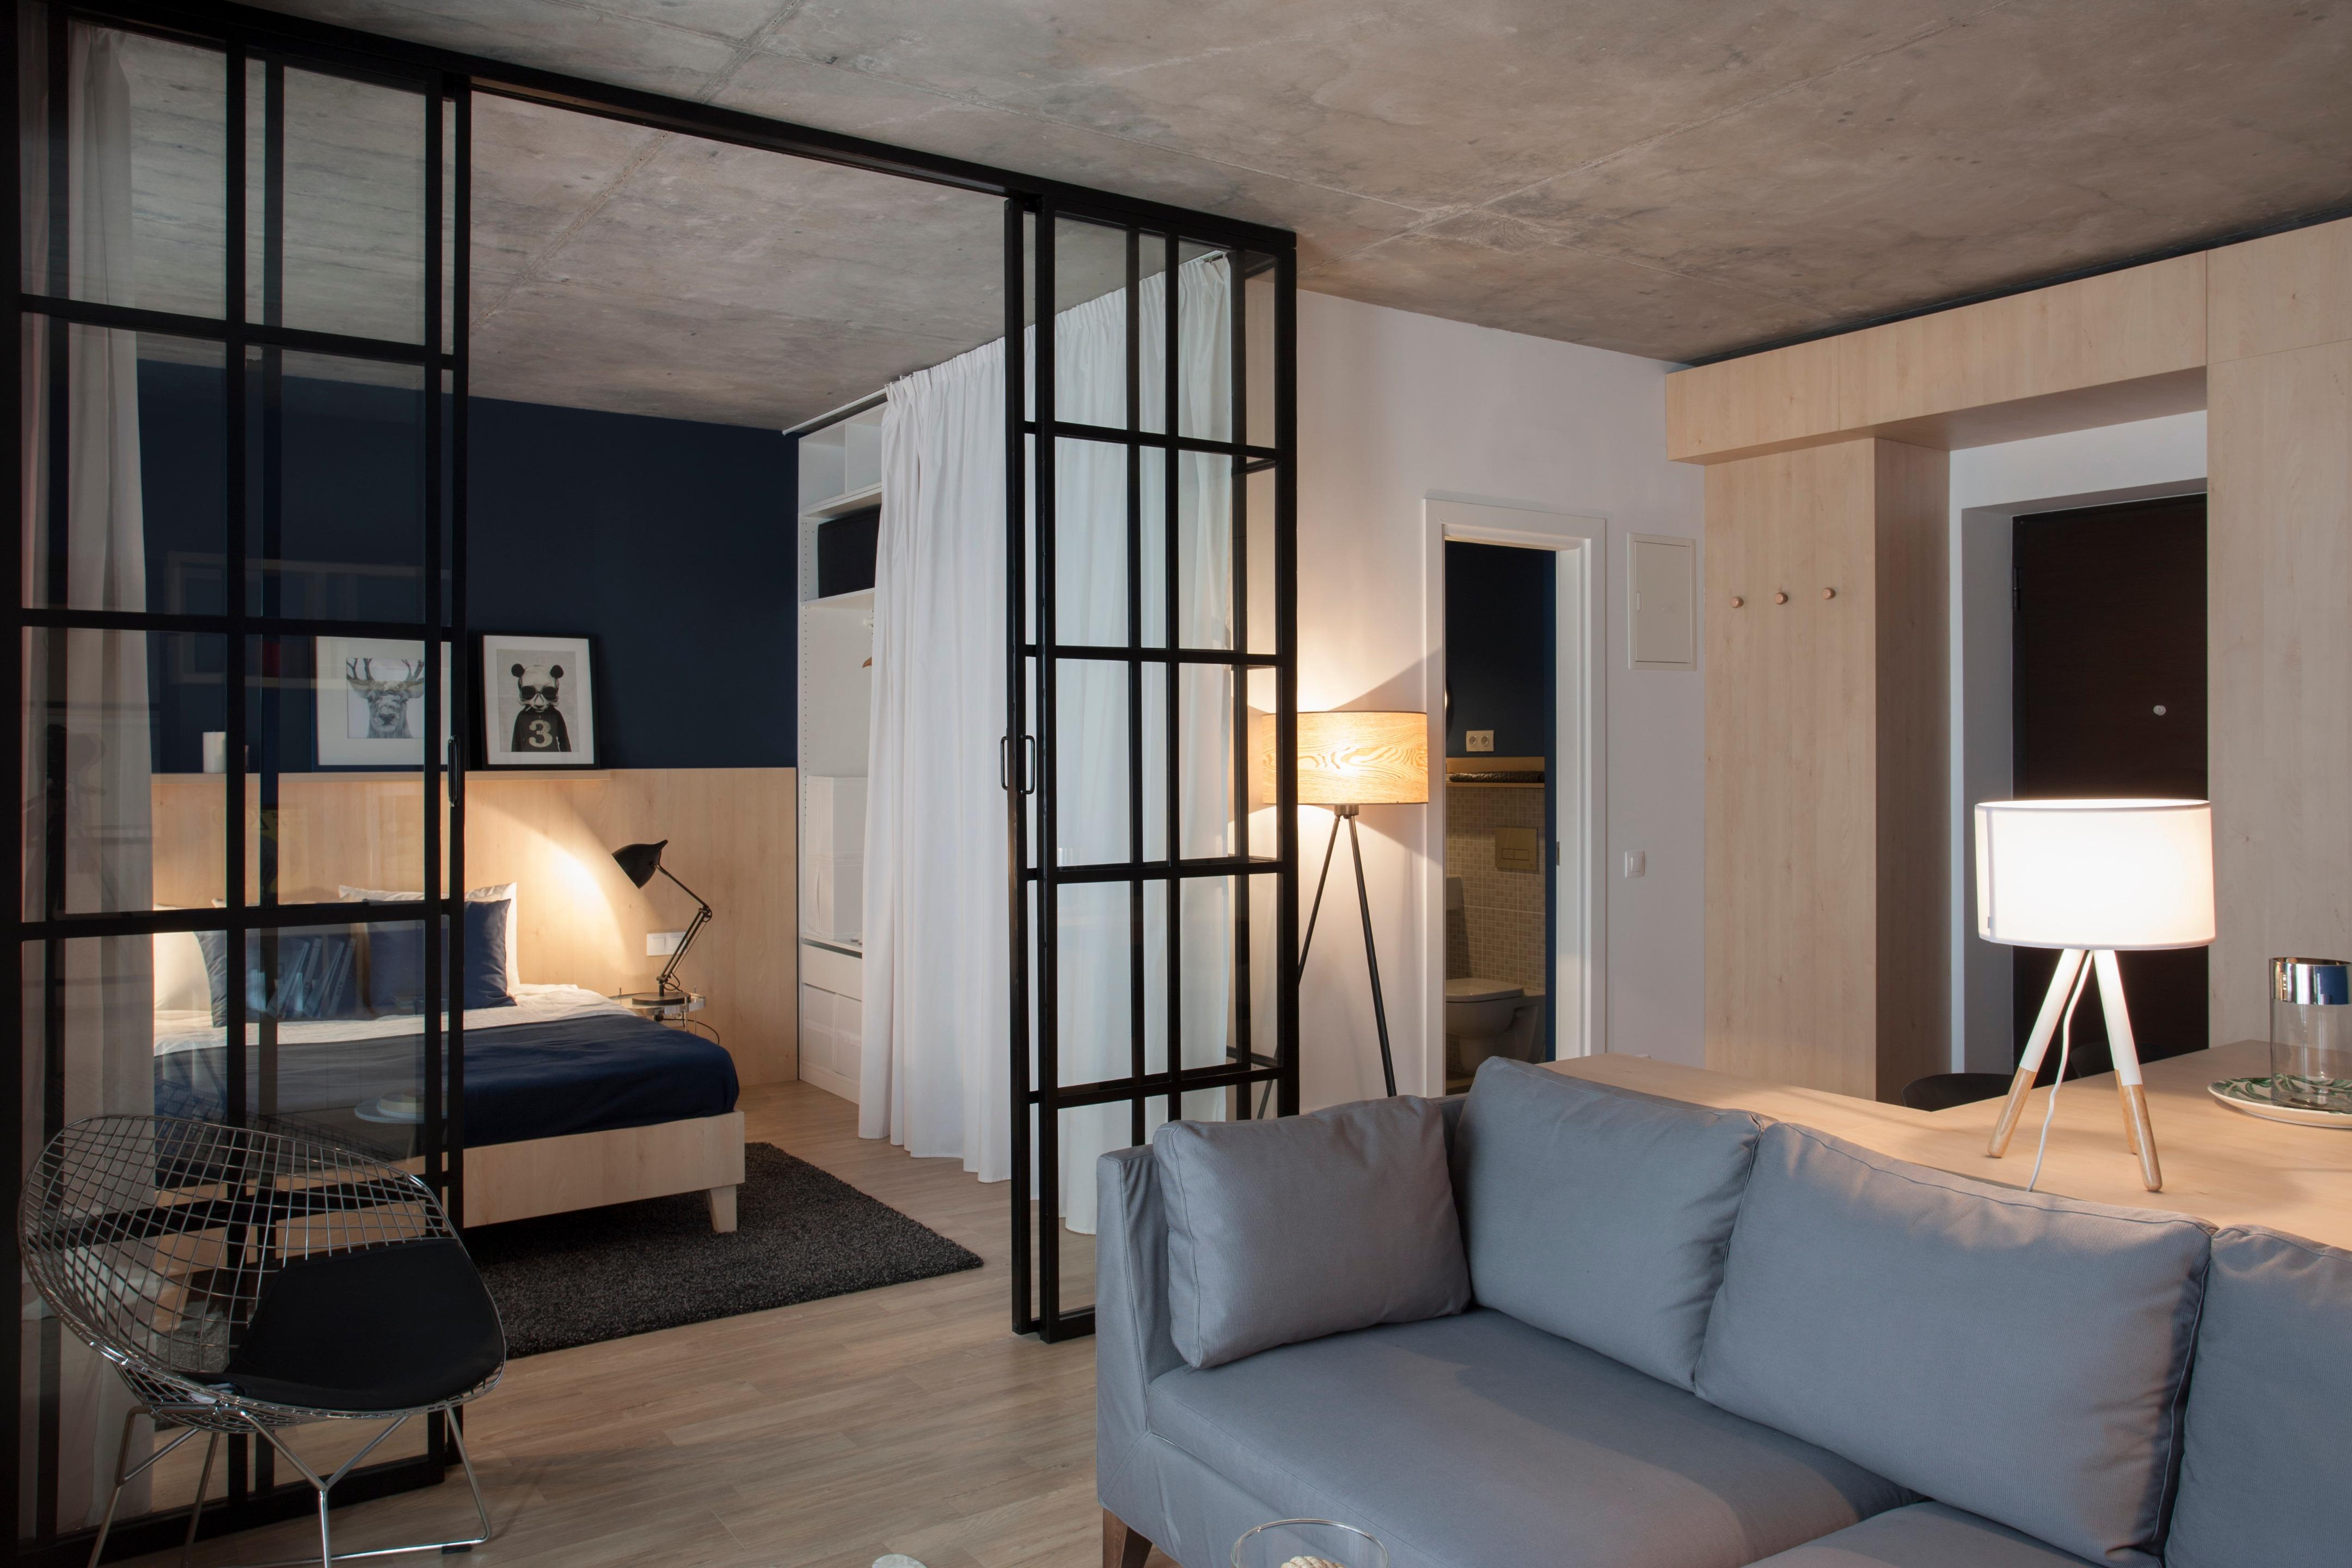 Trần nhà cũng là yếu tố quyết định đến phần không gian còn lại của ngôi nhà. Ở đây, hai kiến trúc sư đã sử dụng chất liệu bê tông cho trần nhà. Nhắc đến bê tông là nhắc đến một cái gì đó thô cứng, mang tính chất công nghiệp nhưng khi biết kết hợp, nó lại tạo cho ngôi nhà không gian hiện đại và tinh tế.